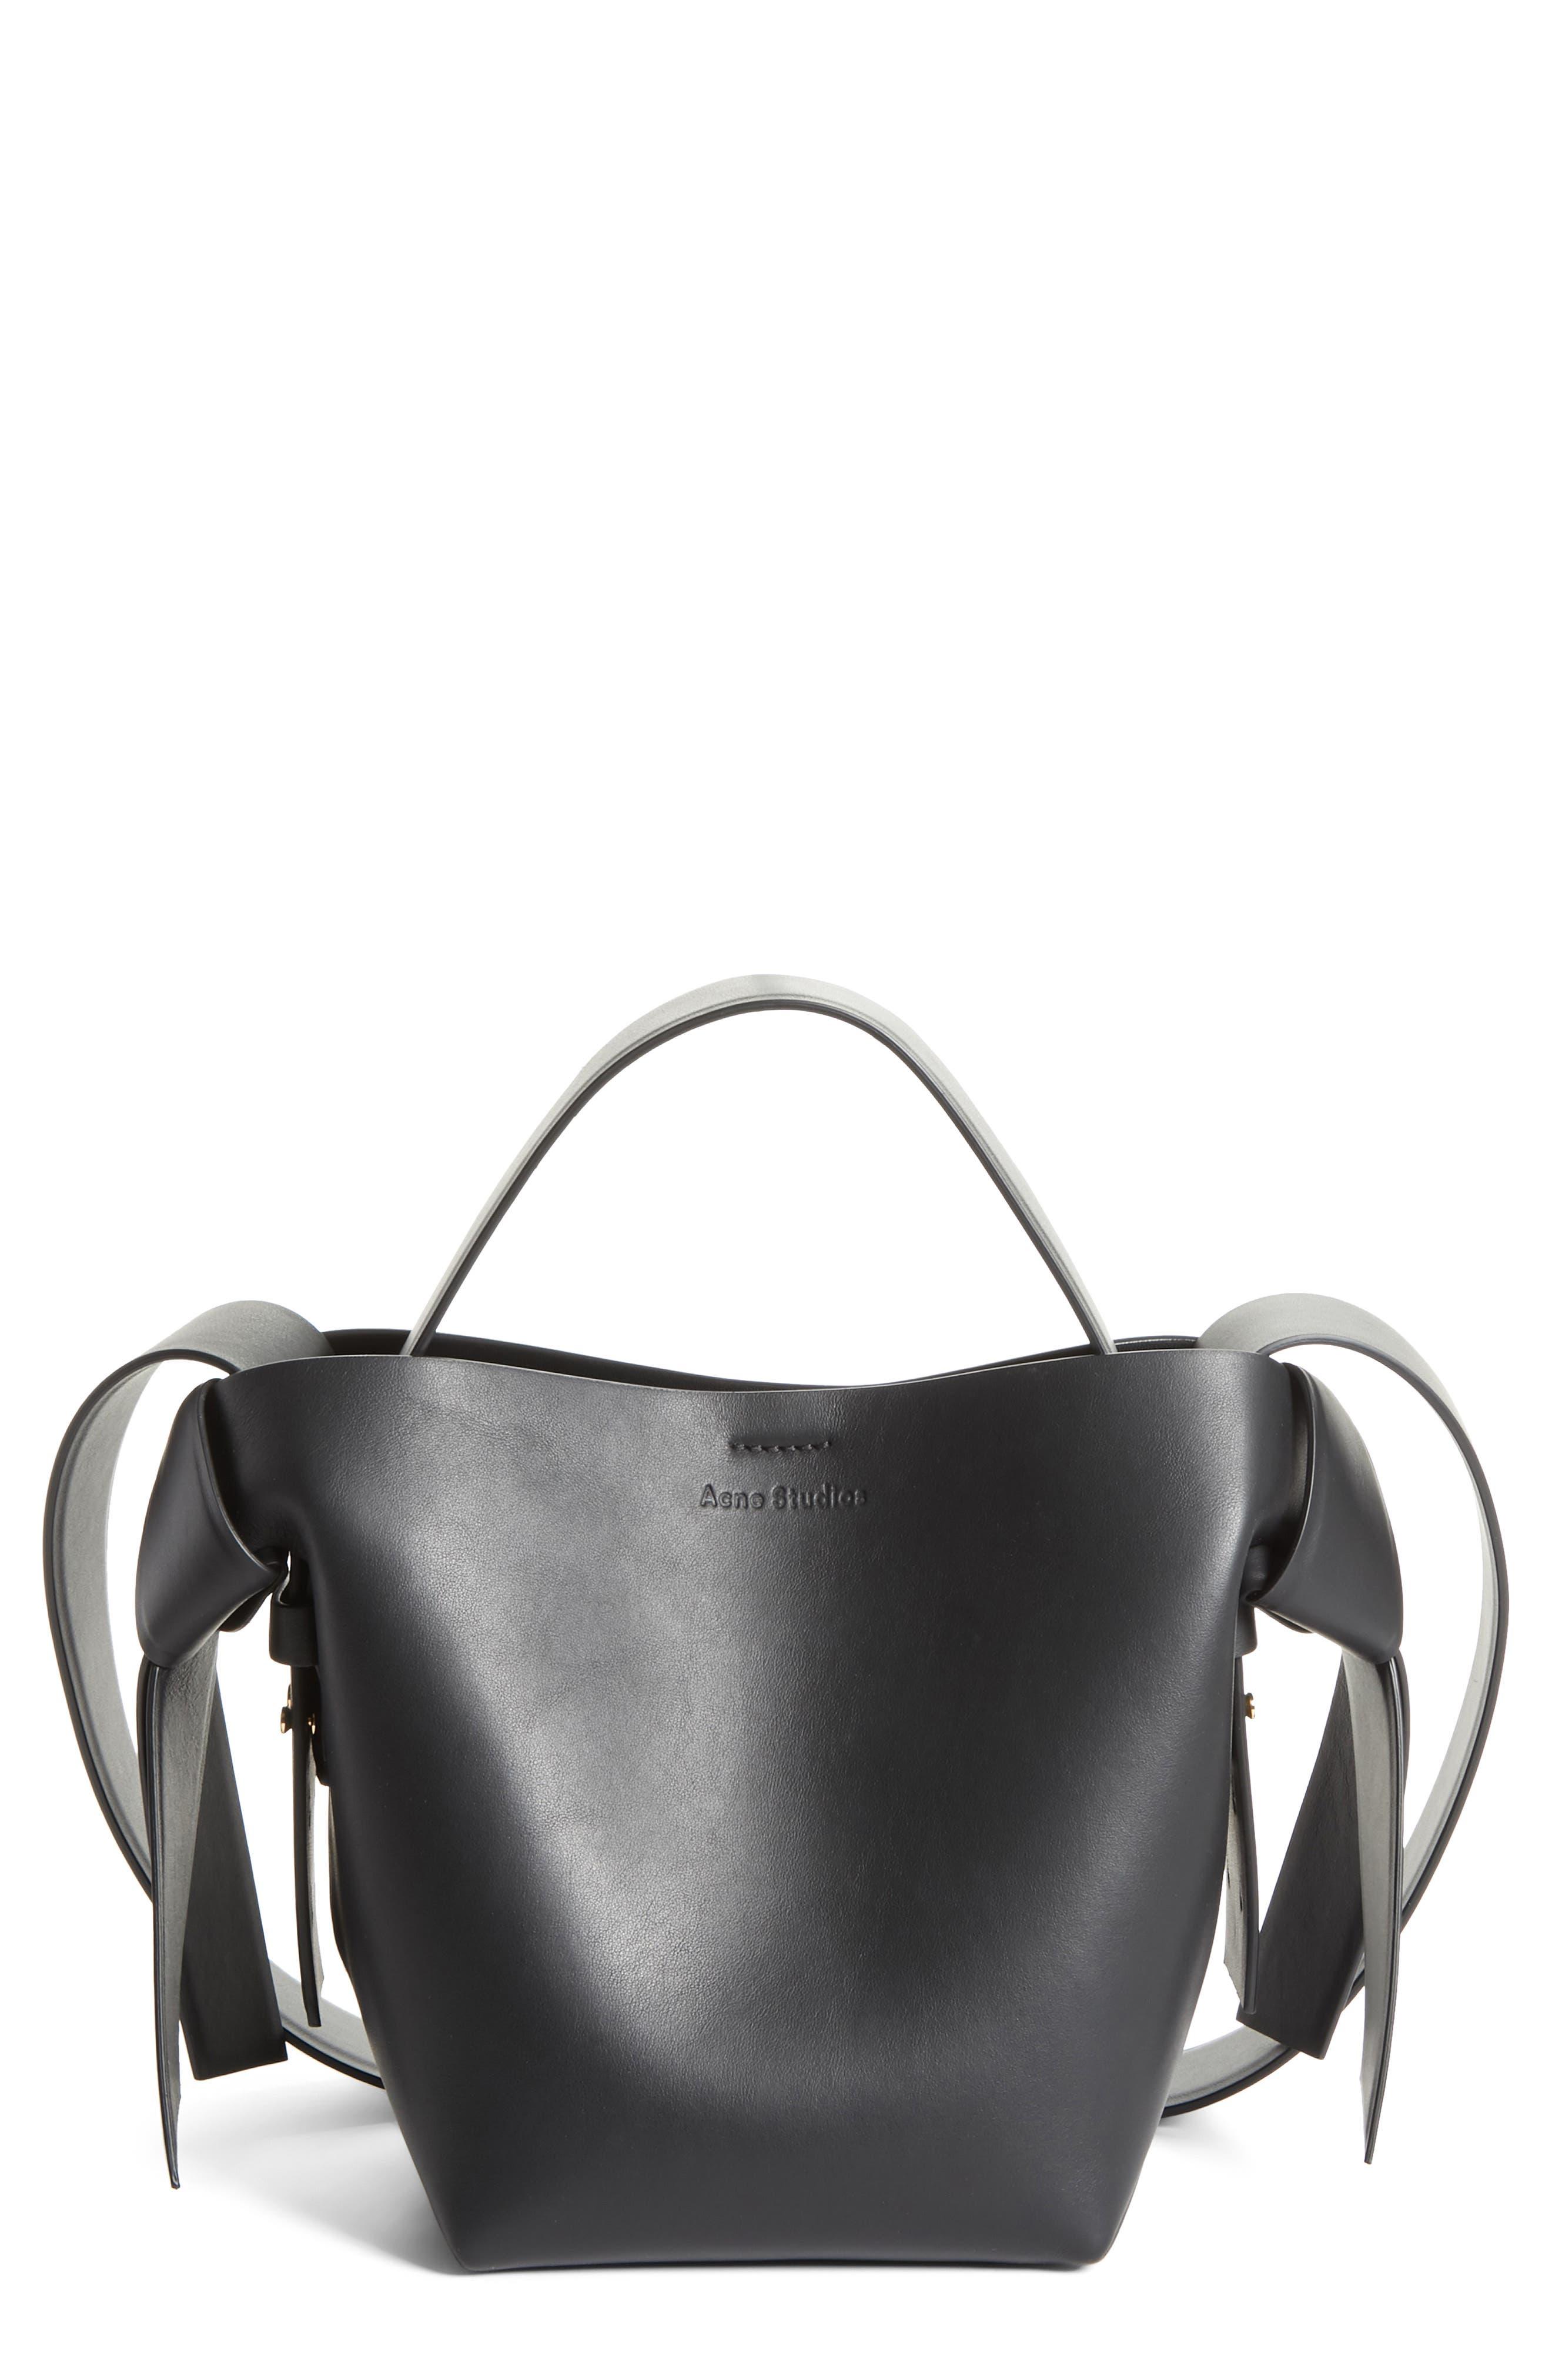 ACNE Studios Mini Musubi Leather Top Handle Bag | Nordstrom